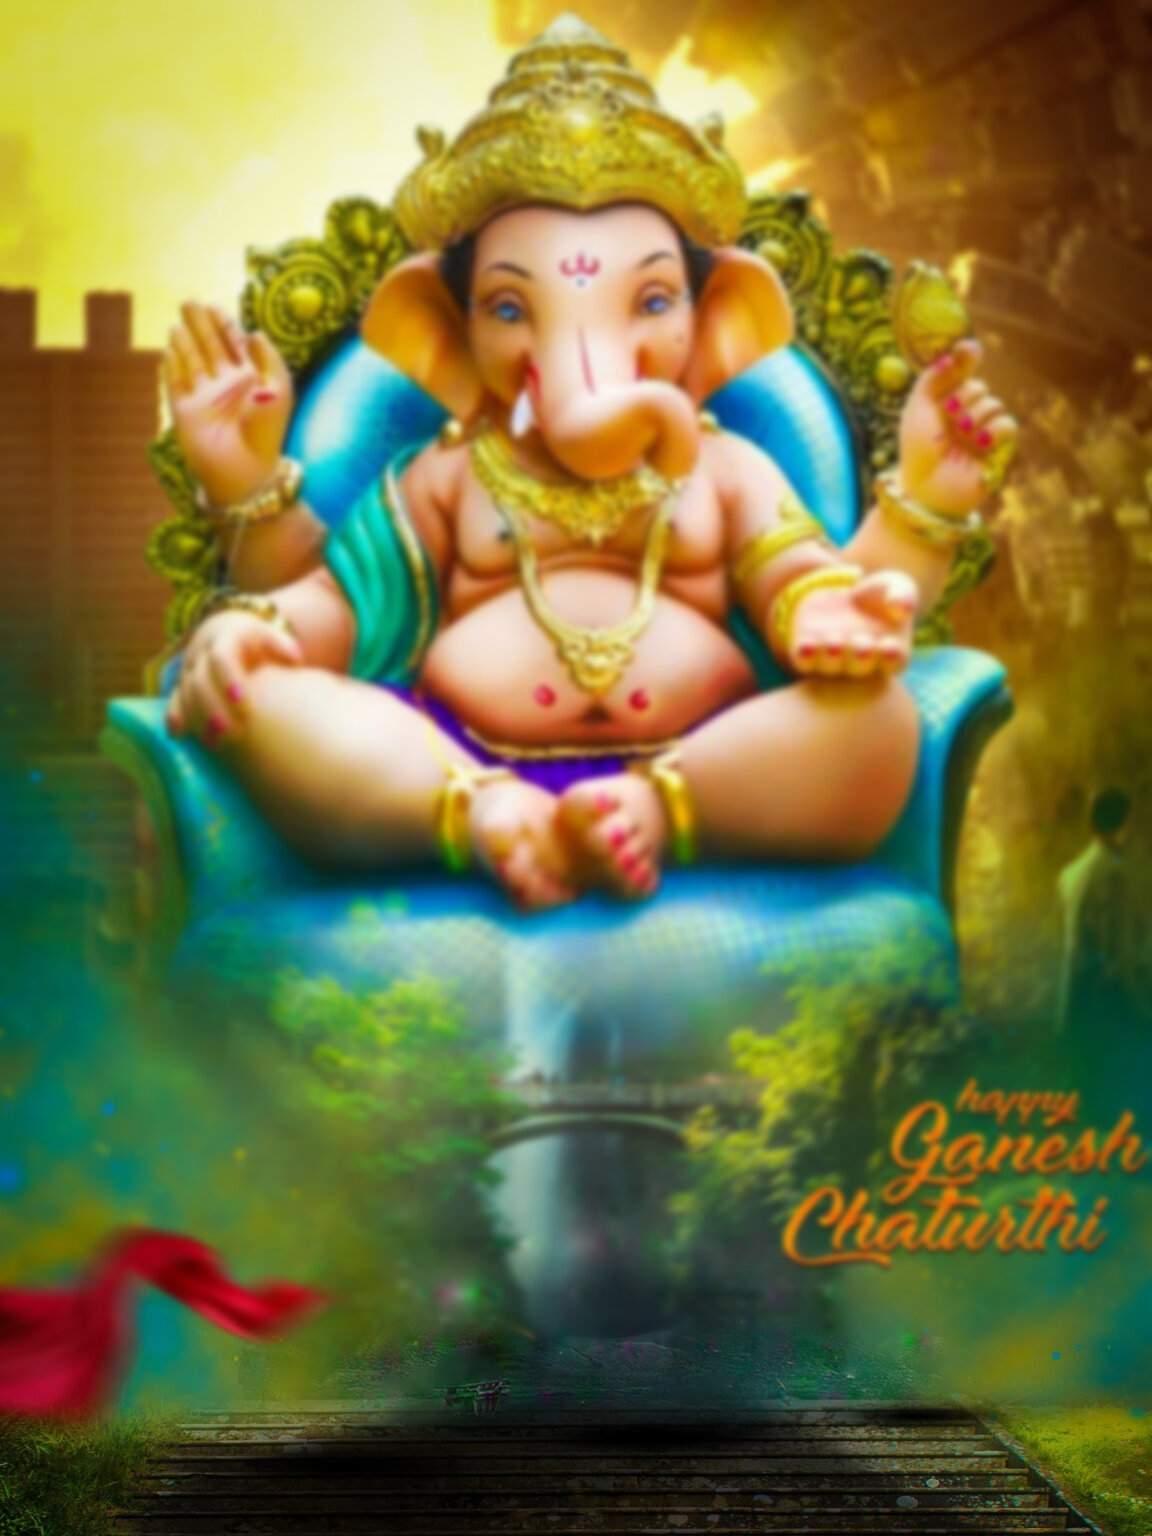 editing background_Ganesh chaturthi background